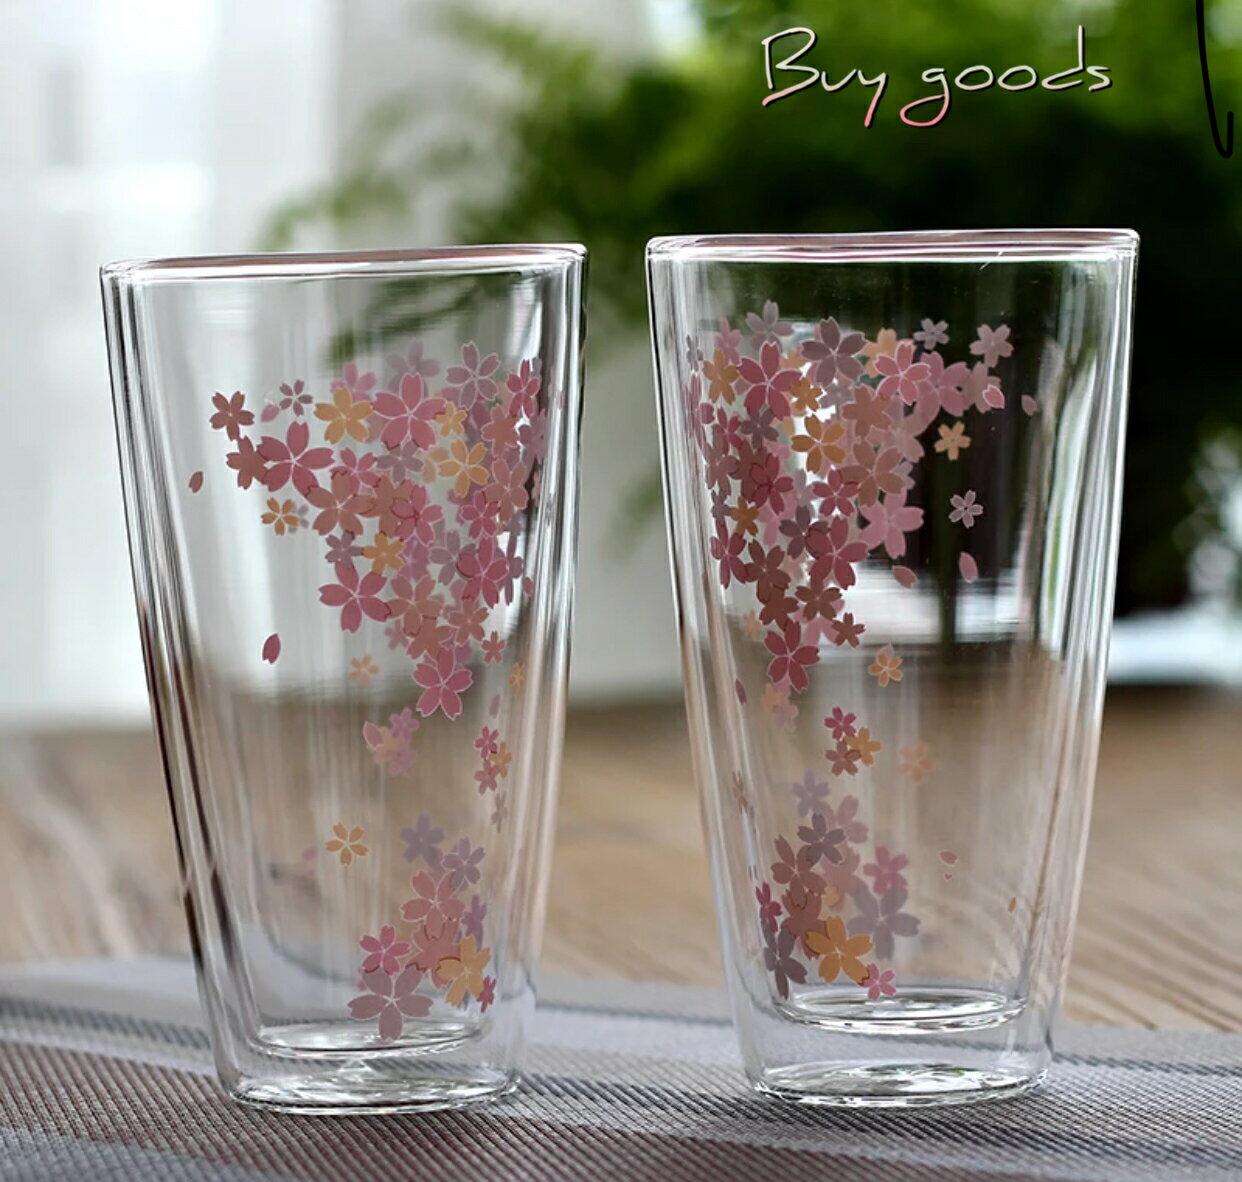 櫻花雙層玻璃杯  附玻璃蓋